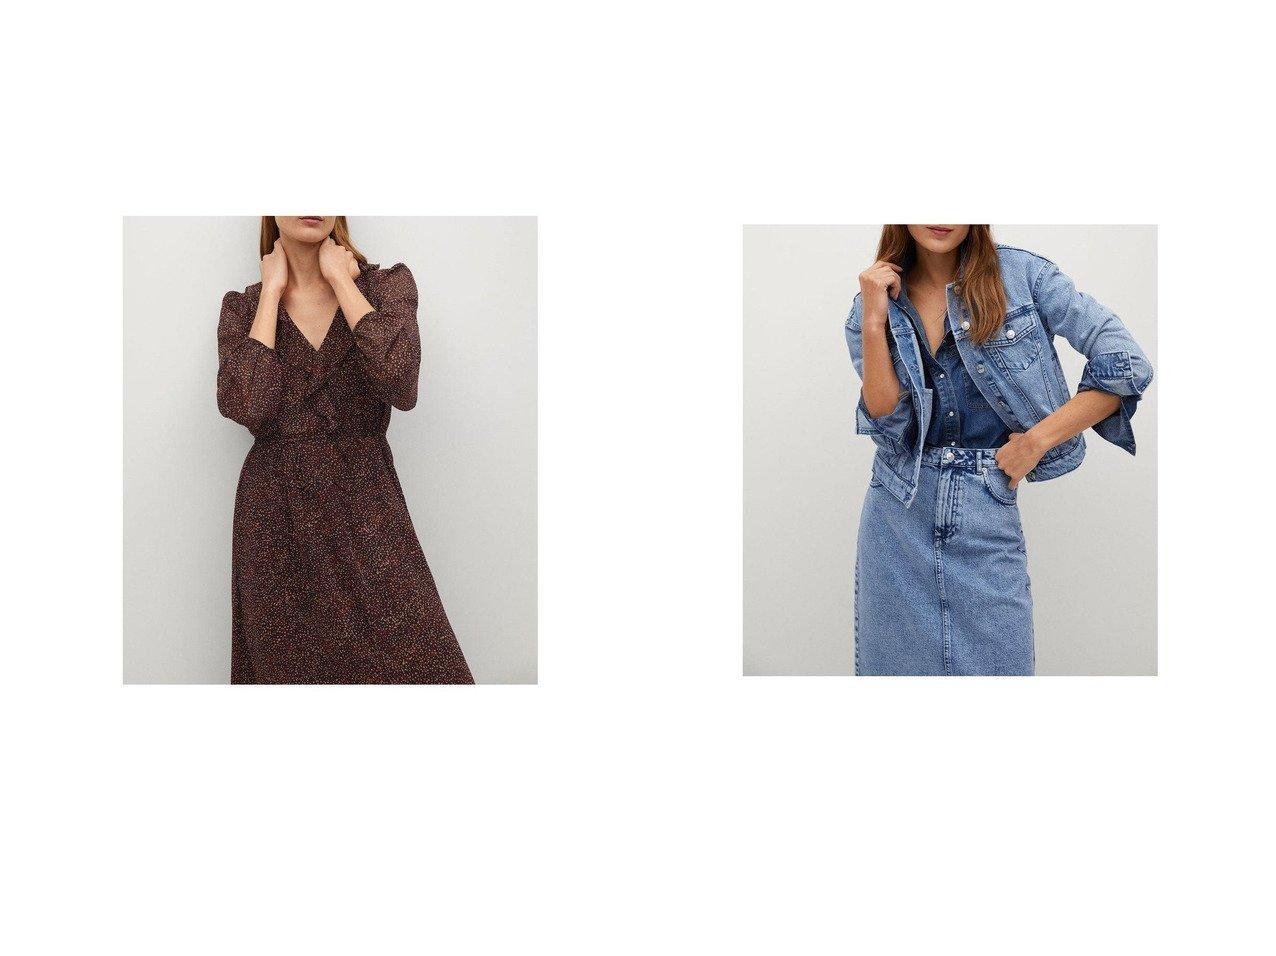 【MANGO/マンゴ】のロングワンピース .-- CANDY&ジャケット .-- MONI MANGOのおすすめ!人気、トレンド・レディースファッションの通販  おすすめで人気の流行・トレンド、ファッションの通販商品 メンズファッション・キッズファッション・インテリア・家具・レディースファッション・服の通販 founy(ファニー) https://founy.com/ ファッション Fashion レディースファッション WOMEN ワンピース Dress アウター Coat Outerwear ジャケット Jackets 2021年 2021 2021 春夏 S/S SS Spring/Summer 2021 S/S 春夏 SS Spring/Summer エアリー フレア プリント ロング 春 Spring 長袖 |ID:crp329100000017706